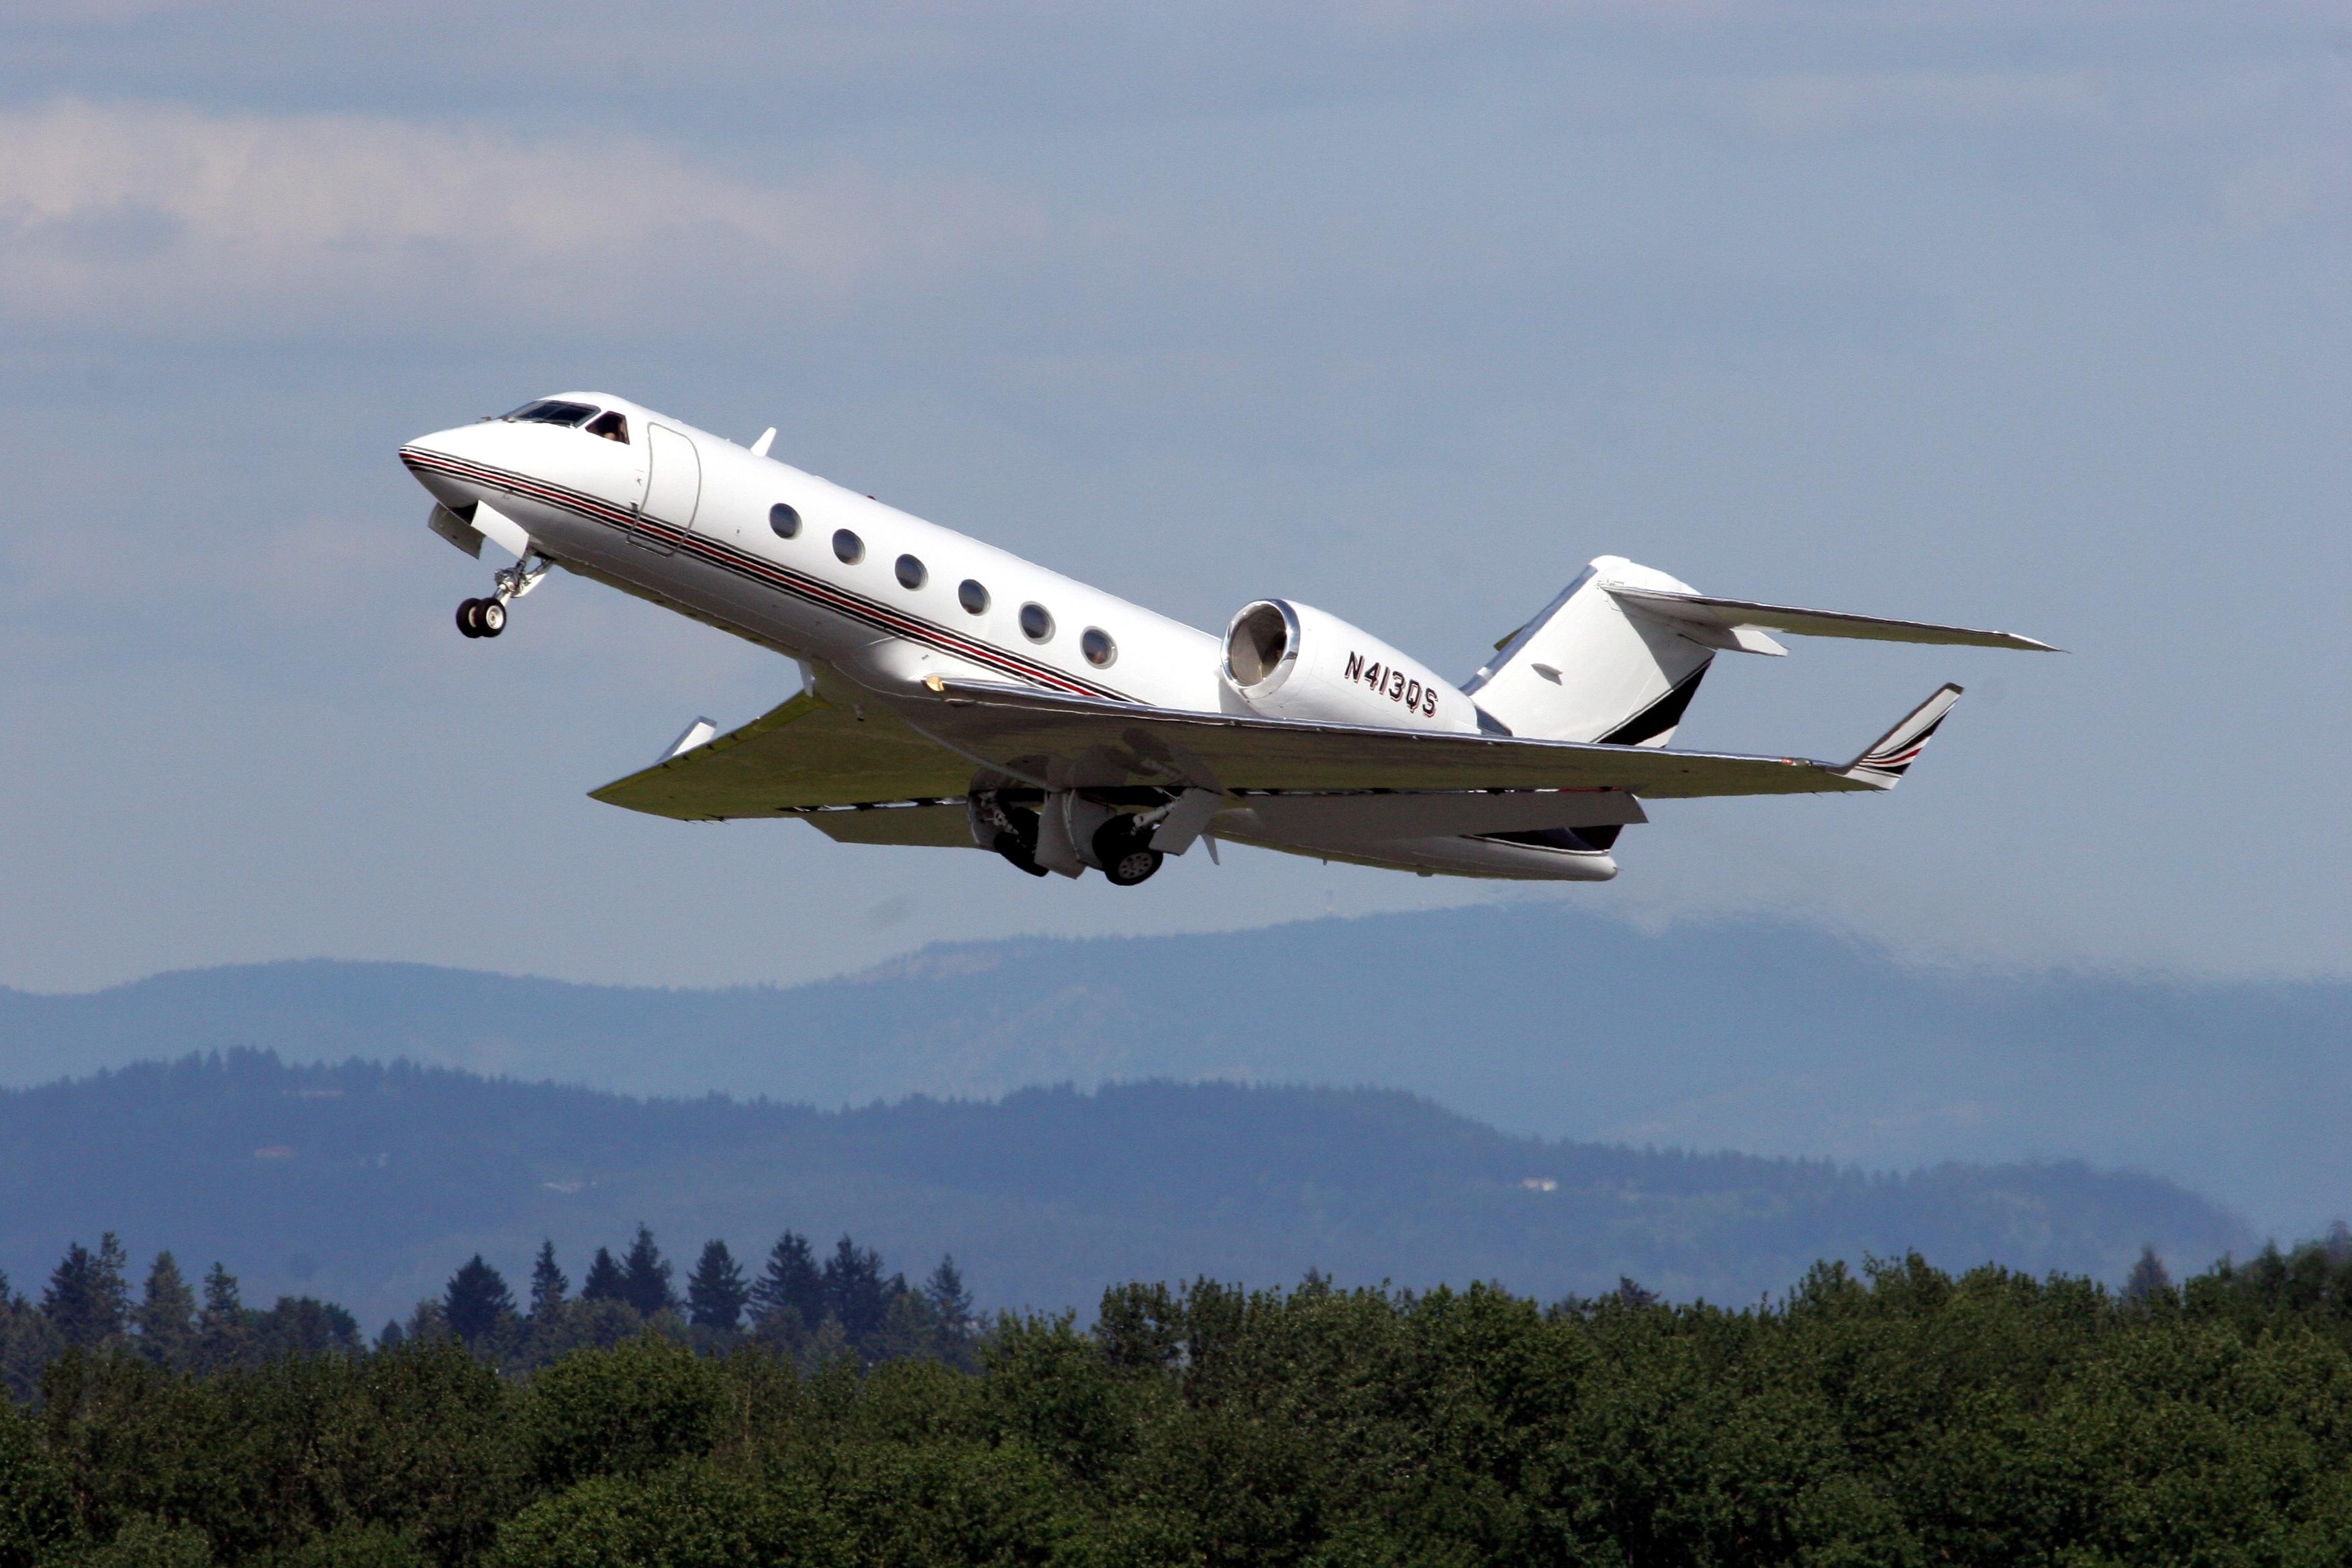 Image:Gulfstream G-400